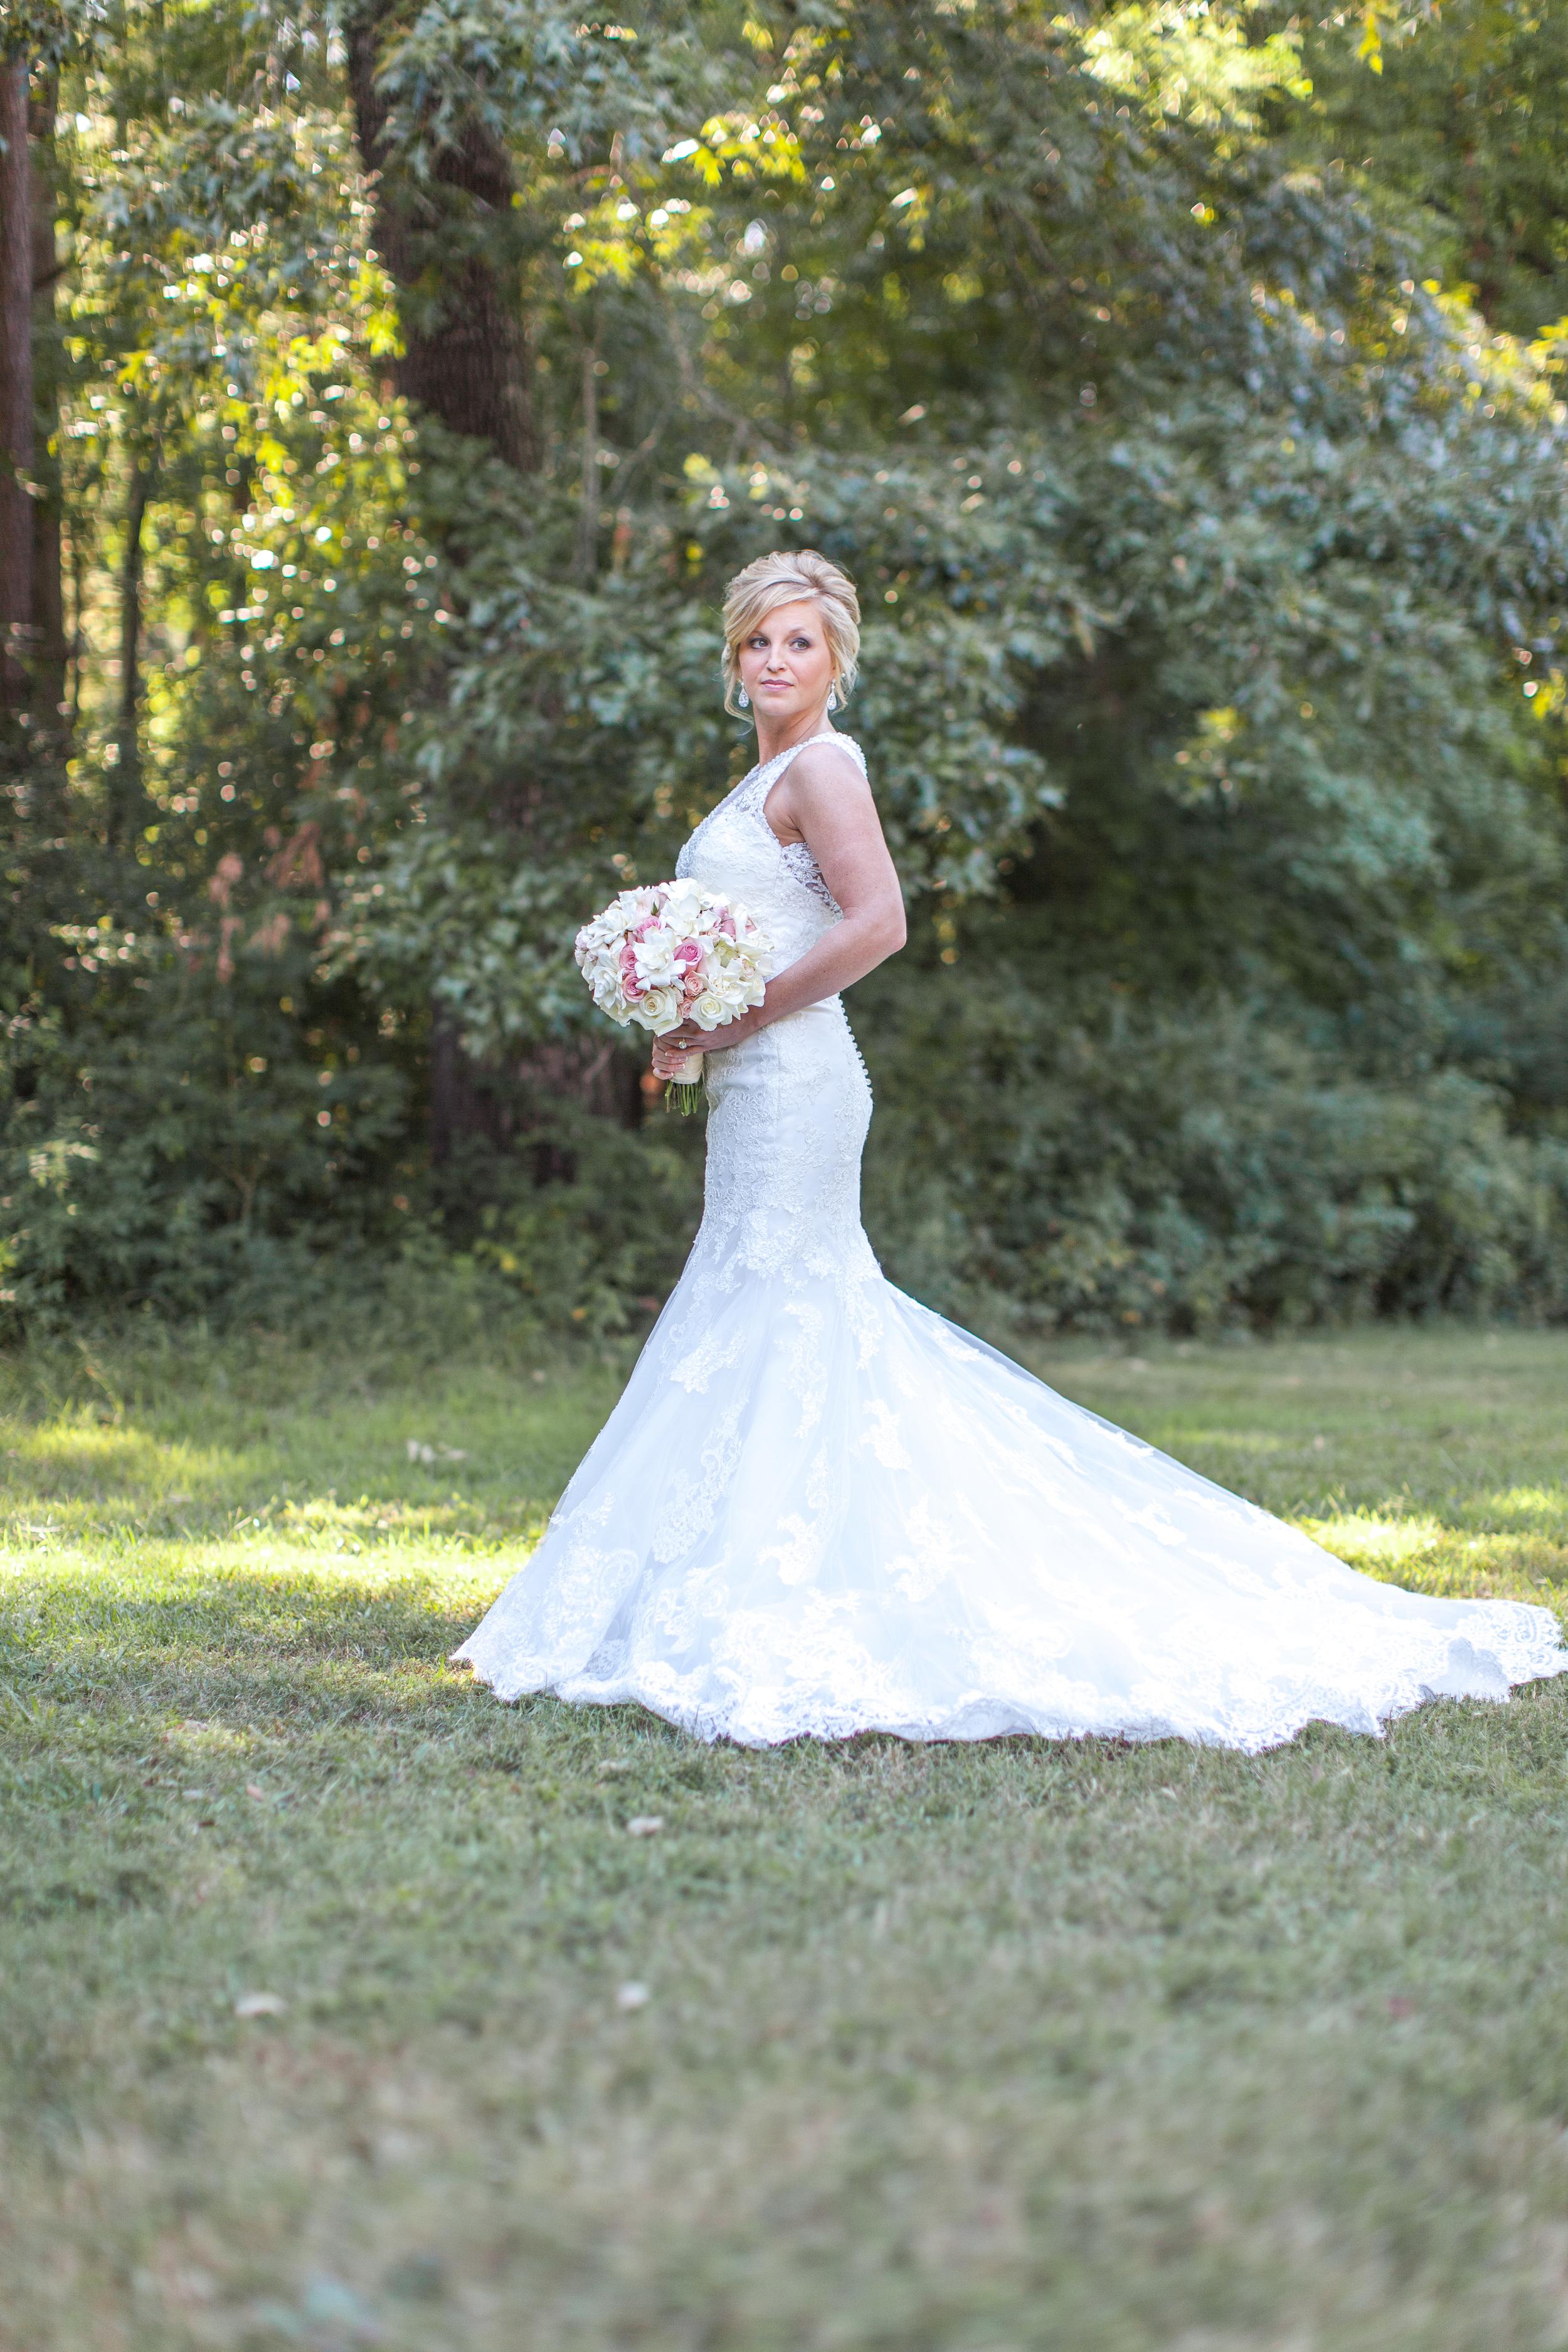 Jessica Jo Photo Denver Wedding Photographer